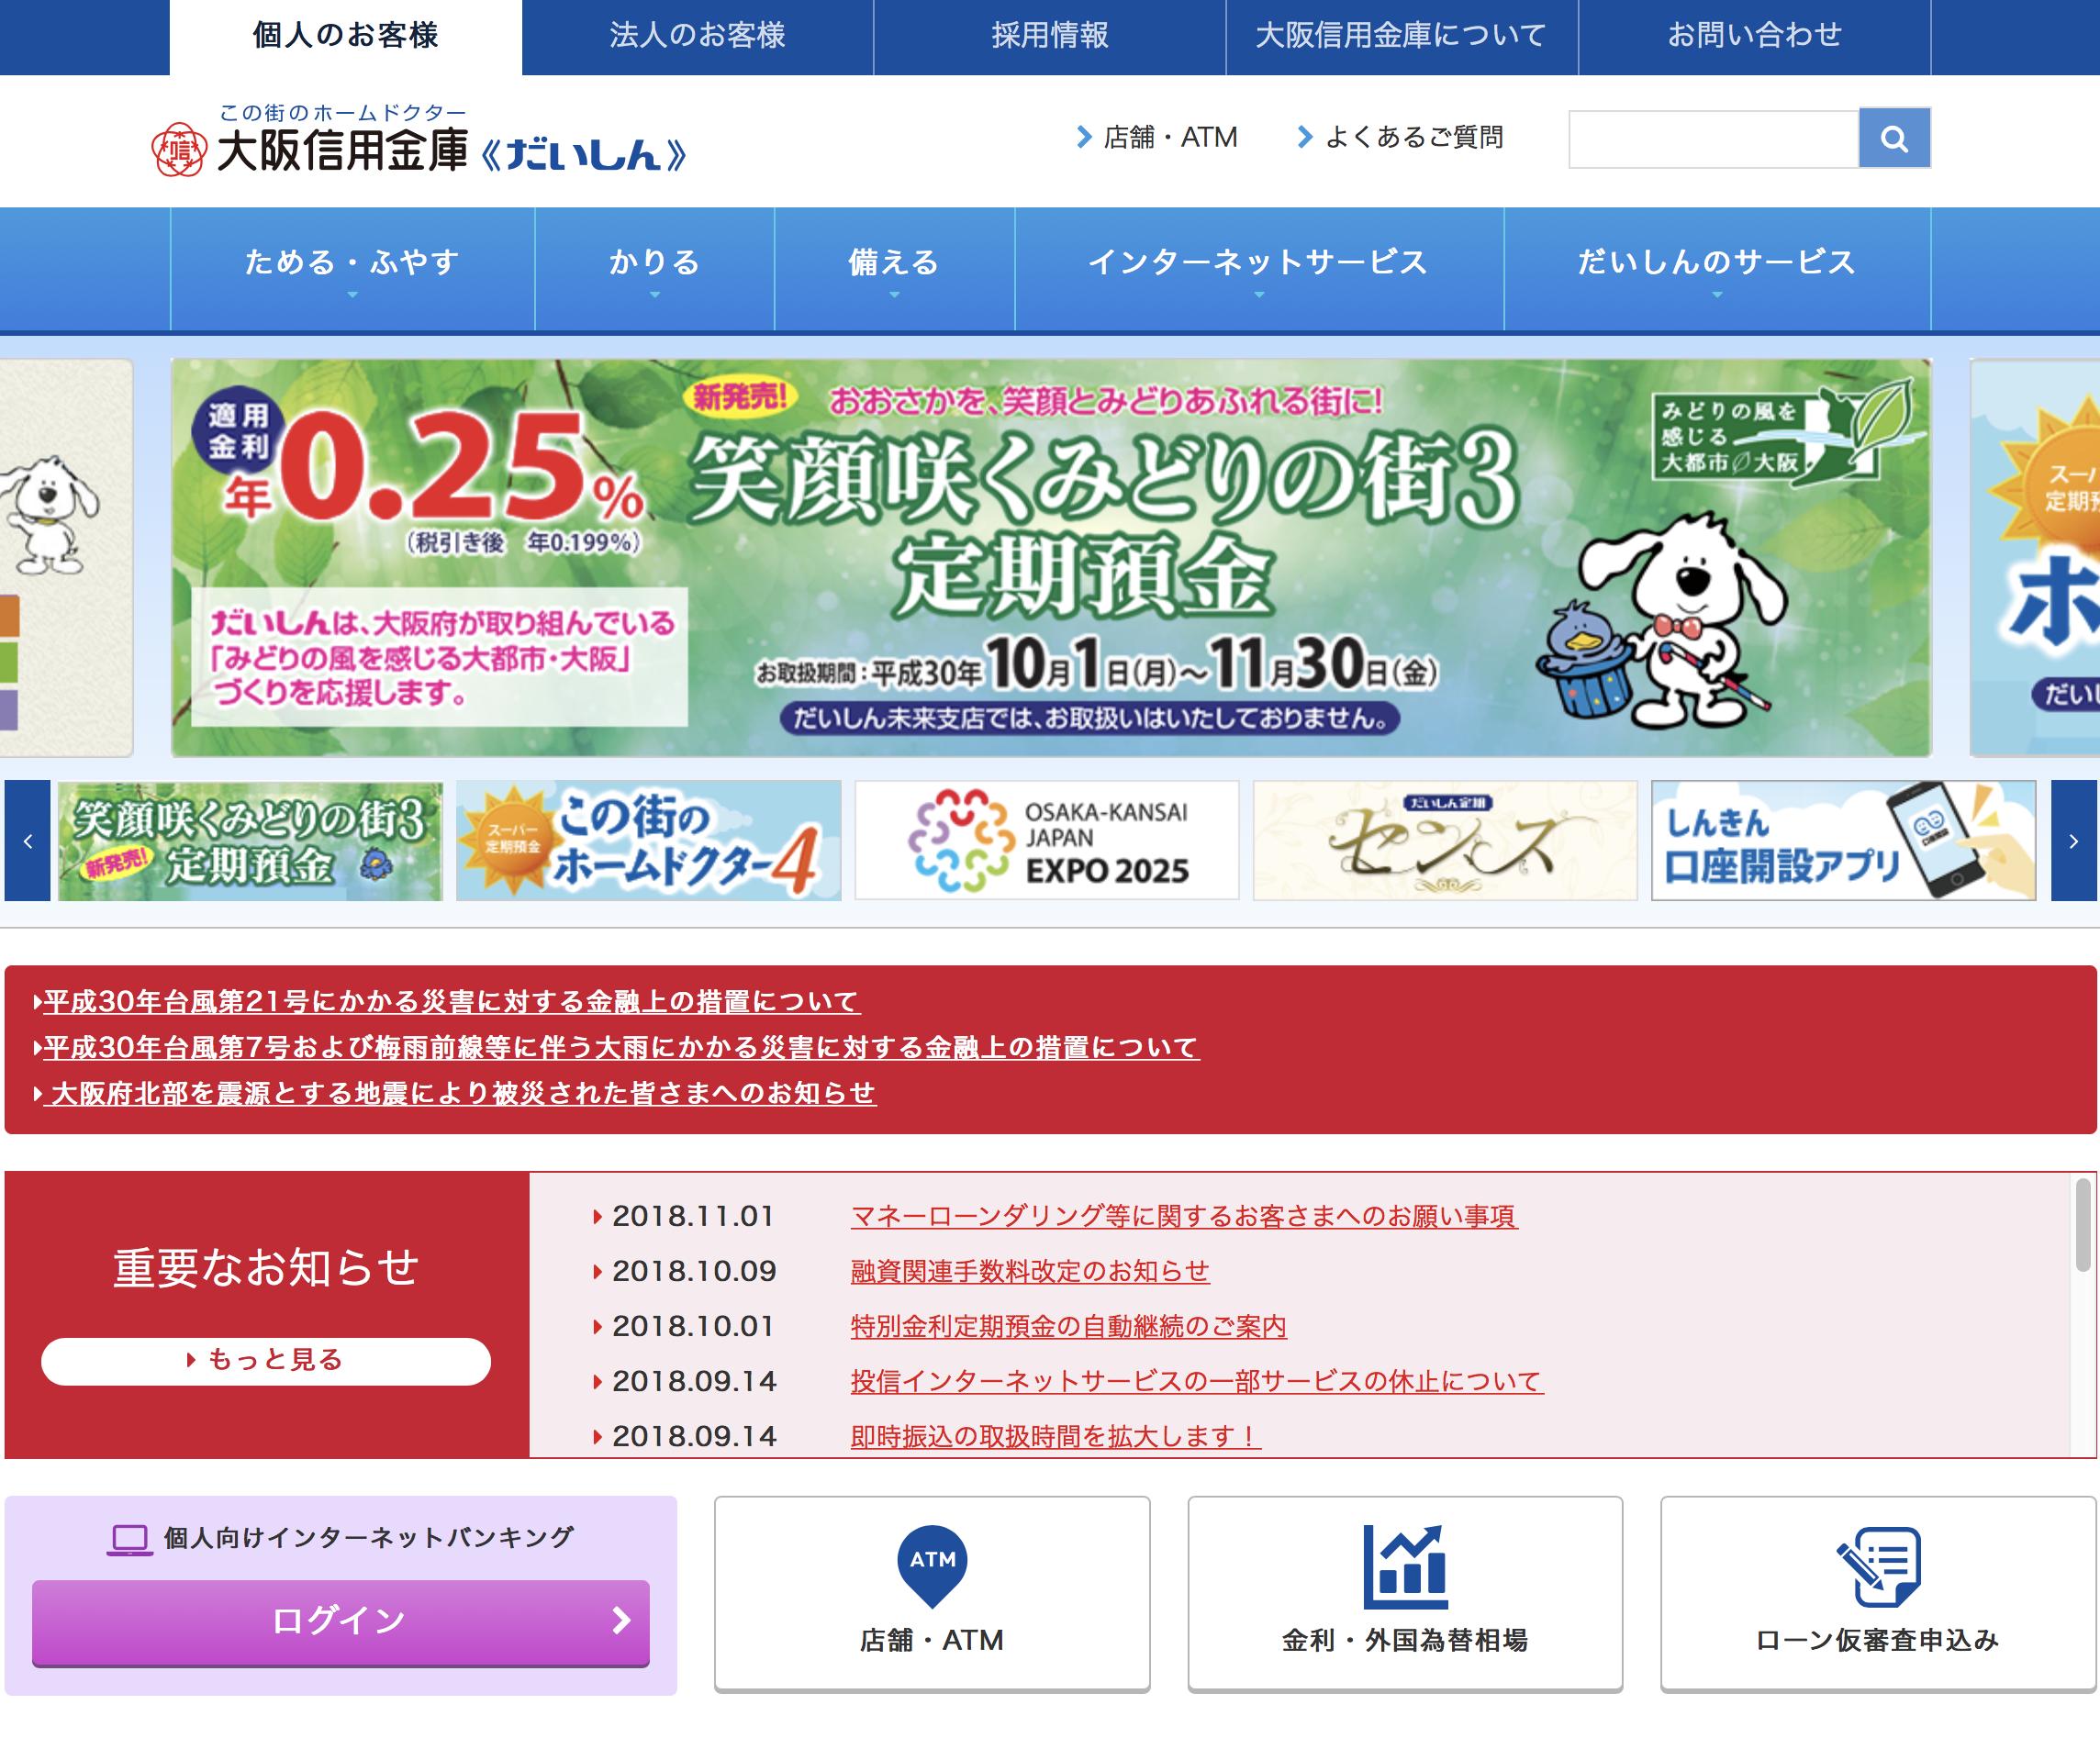 大阪信用金庫の「大阪信用金庫 DOカードローン」